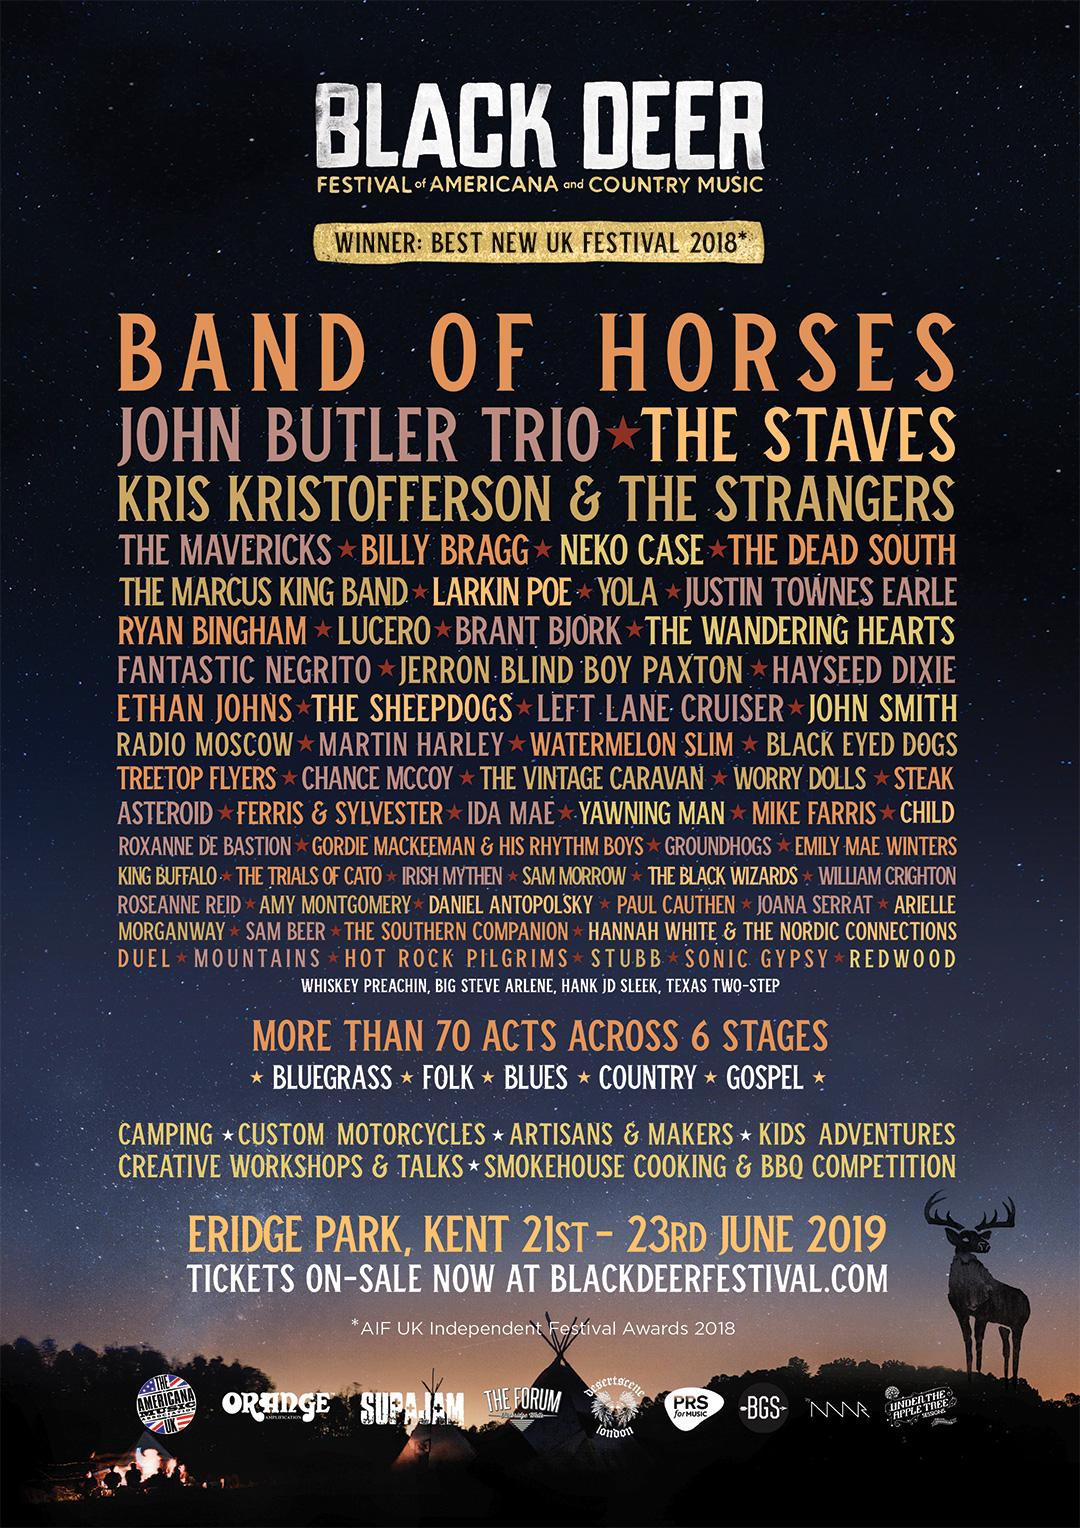 Black-Deer-line-up-poster-April.jpg